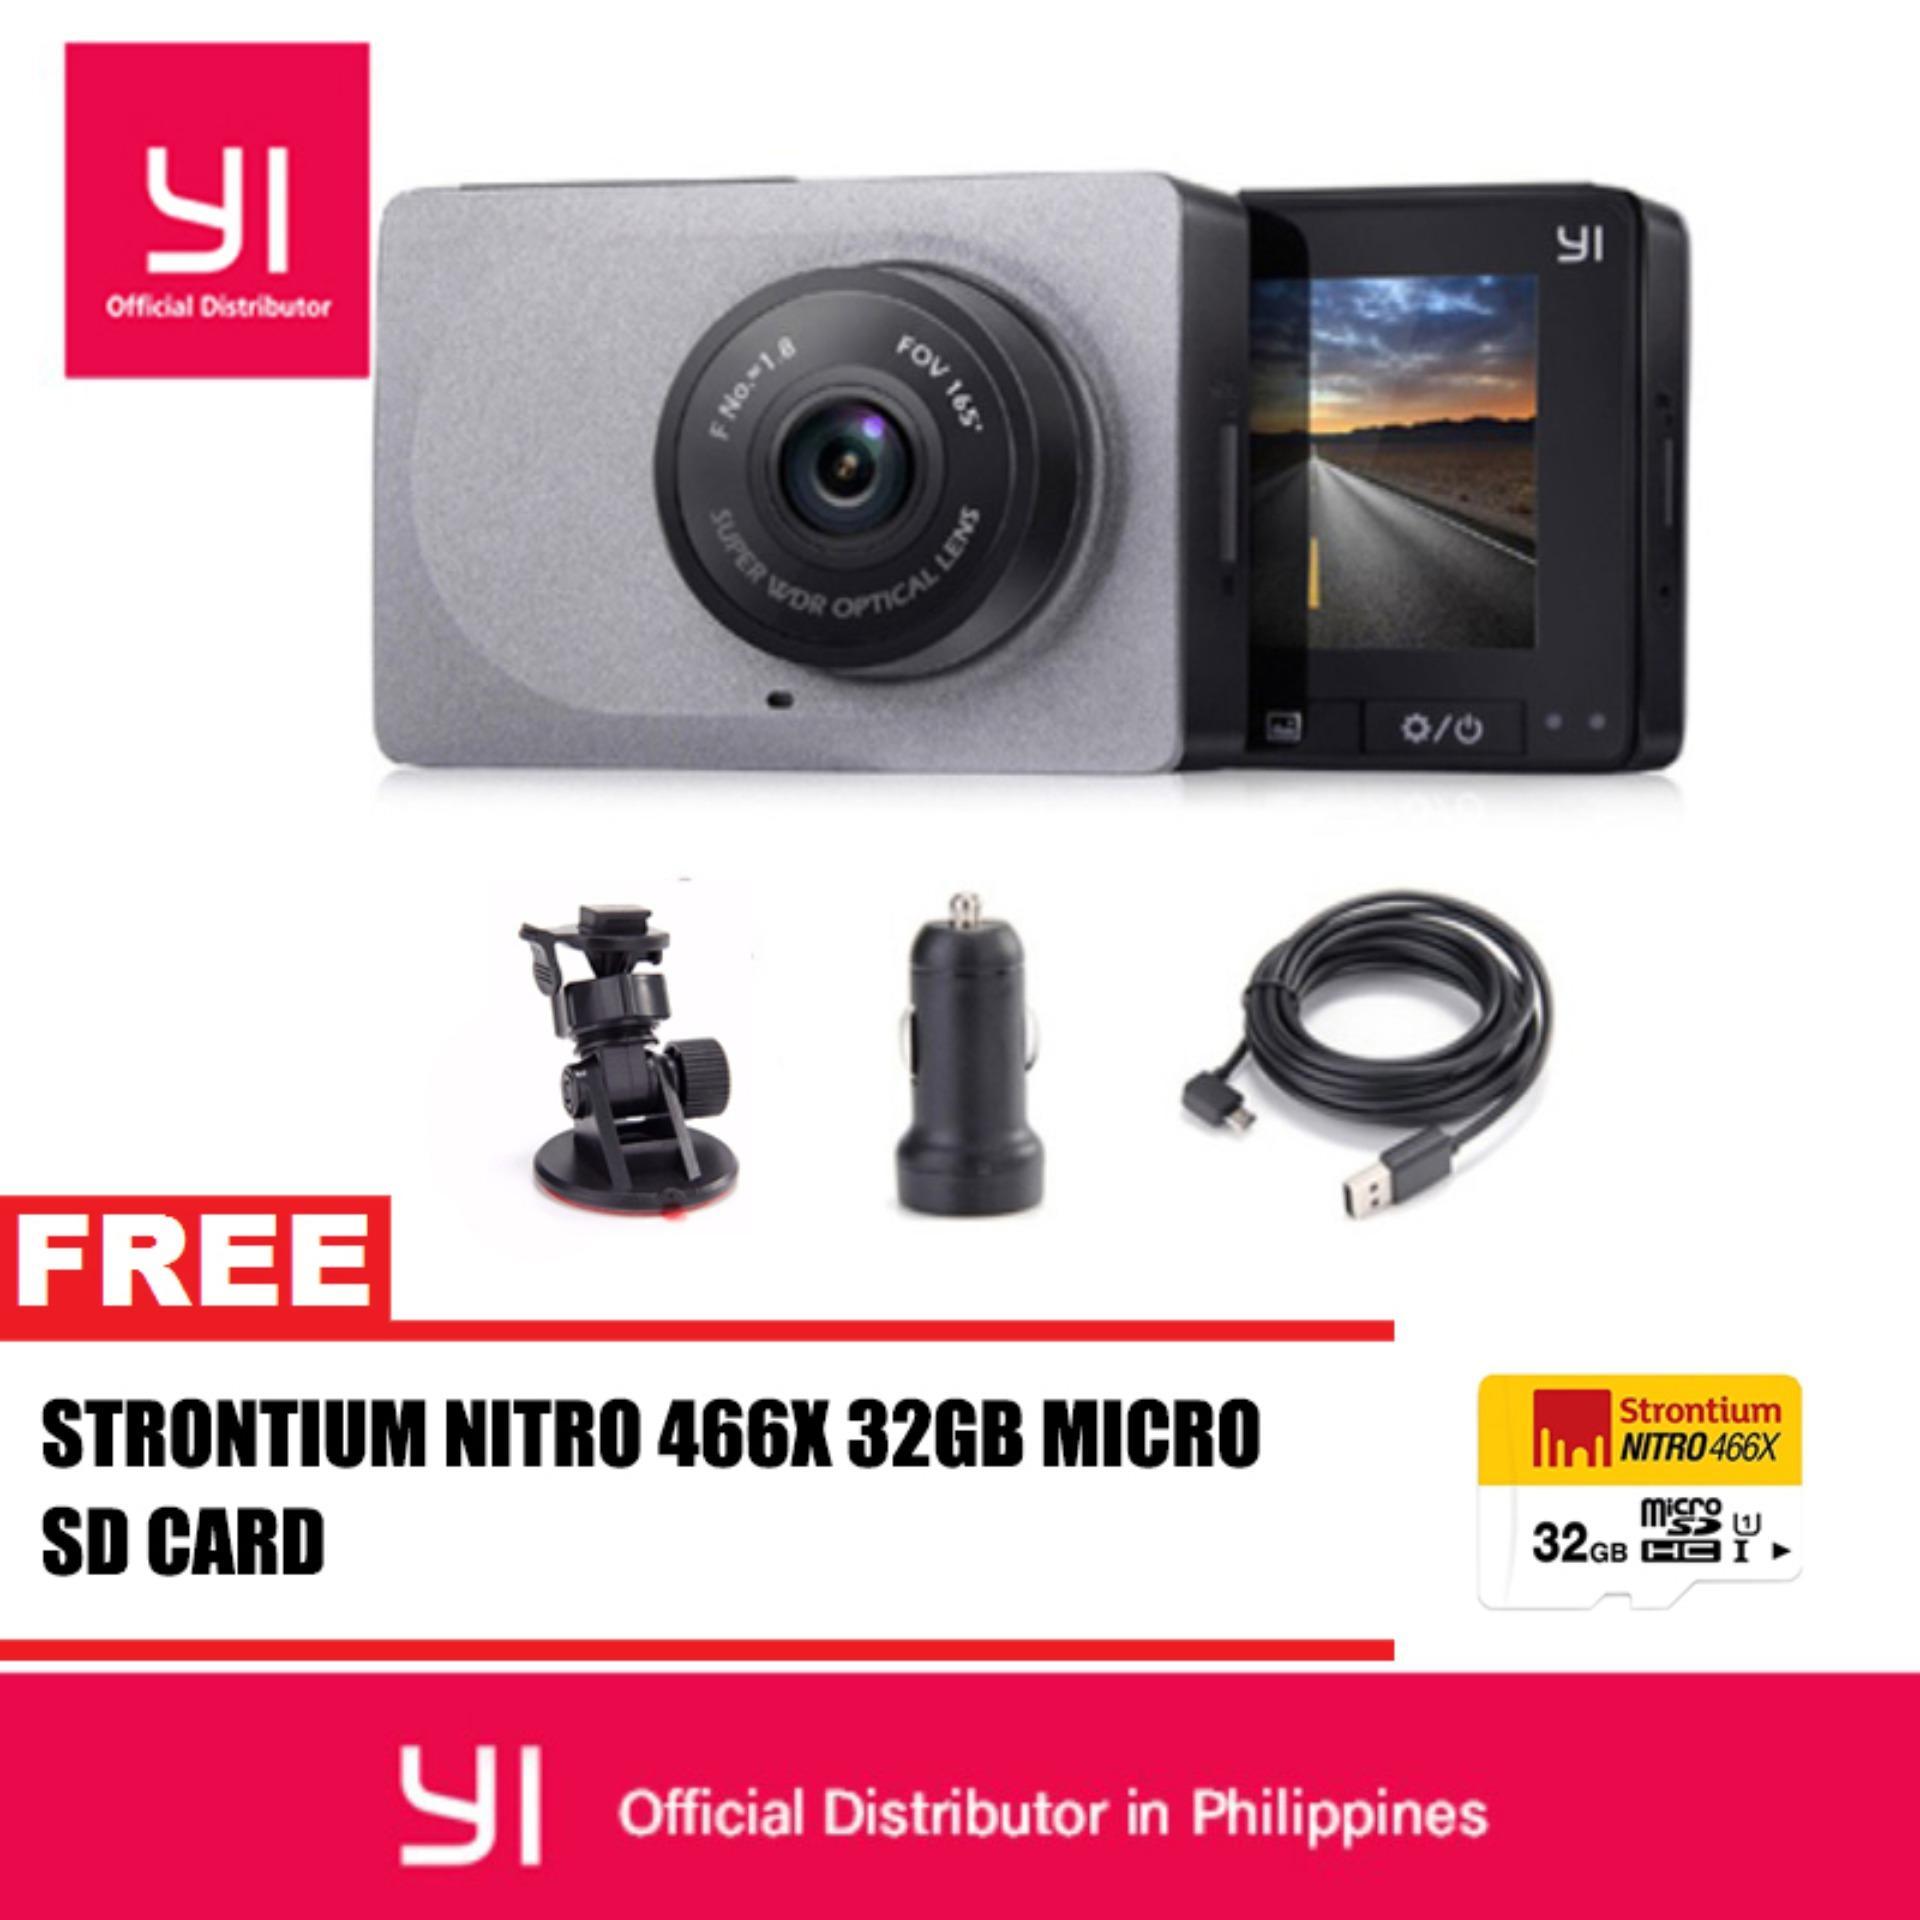 Wawawei Q7 30 1080p Car Dash Cam Dvr Gold With Free 4 In 1 Xiaomi Yi Smart Camera Tachograph 27